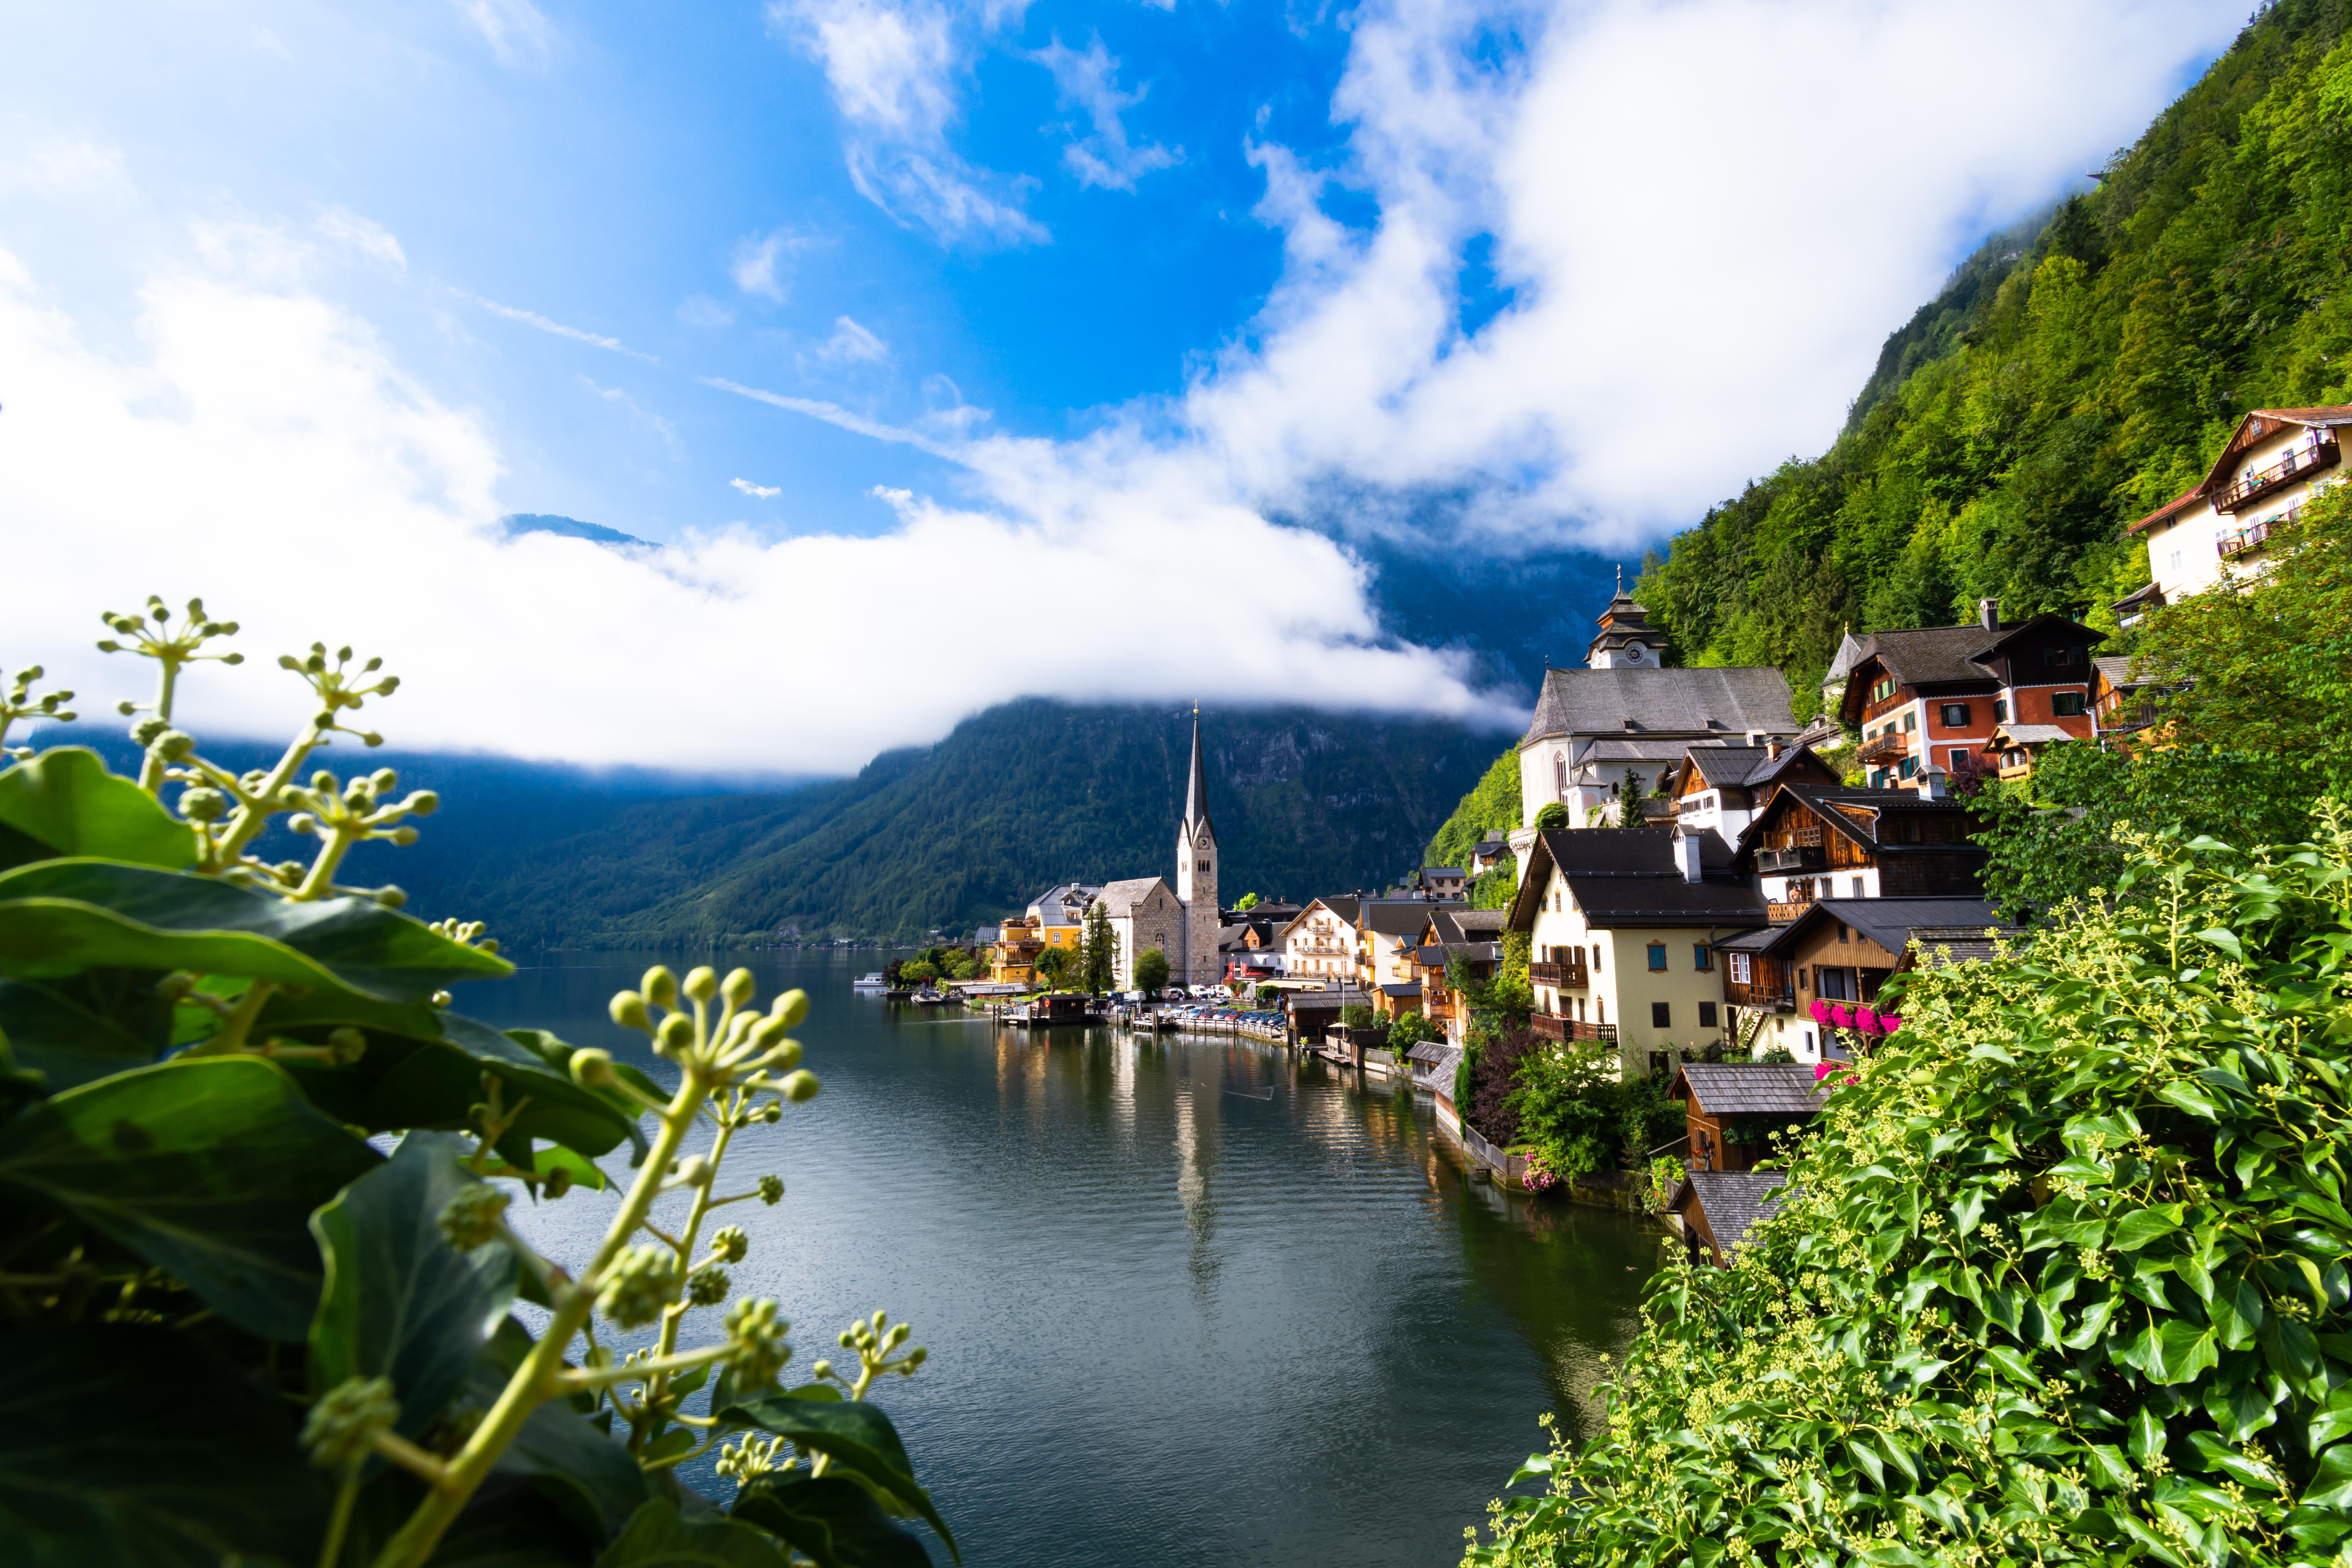 120647 Hintergrundbild herunterladen Landschaft, Natur, Mountains, Gebäude, See, Dorf - Bildschirmschoner und Bilder kostenlos